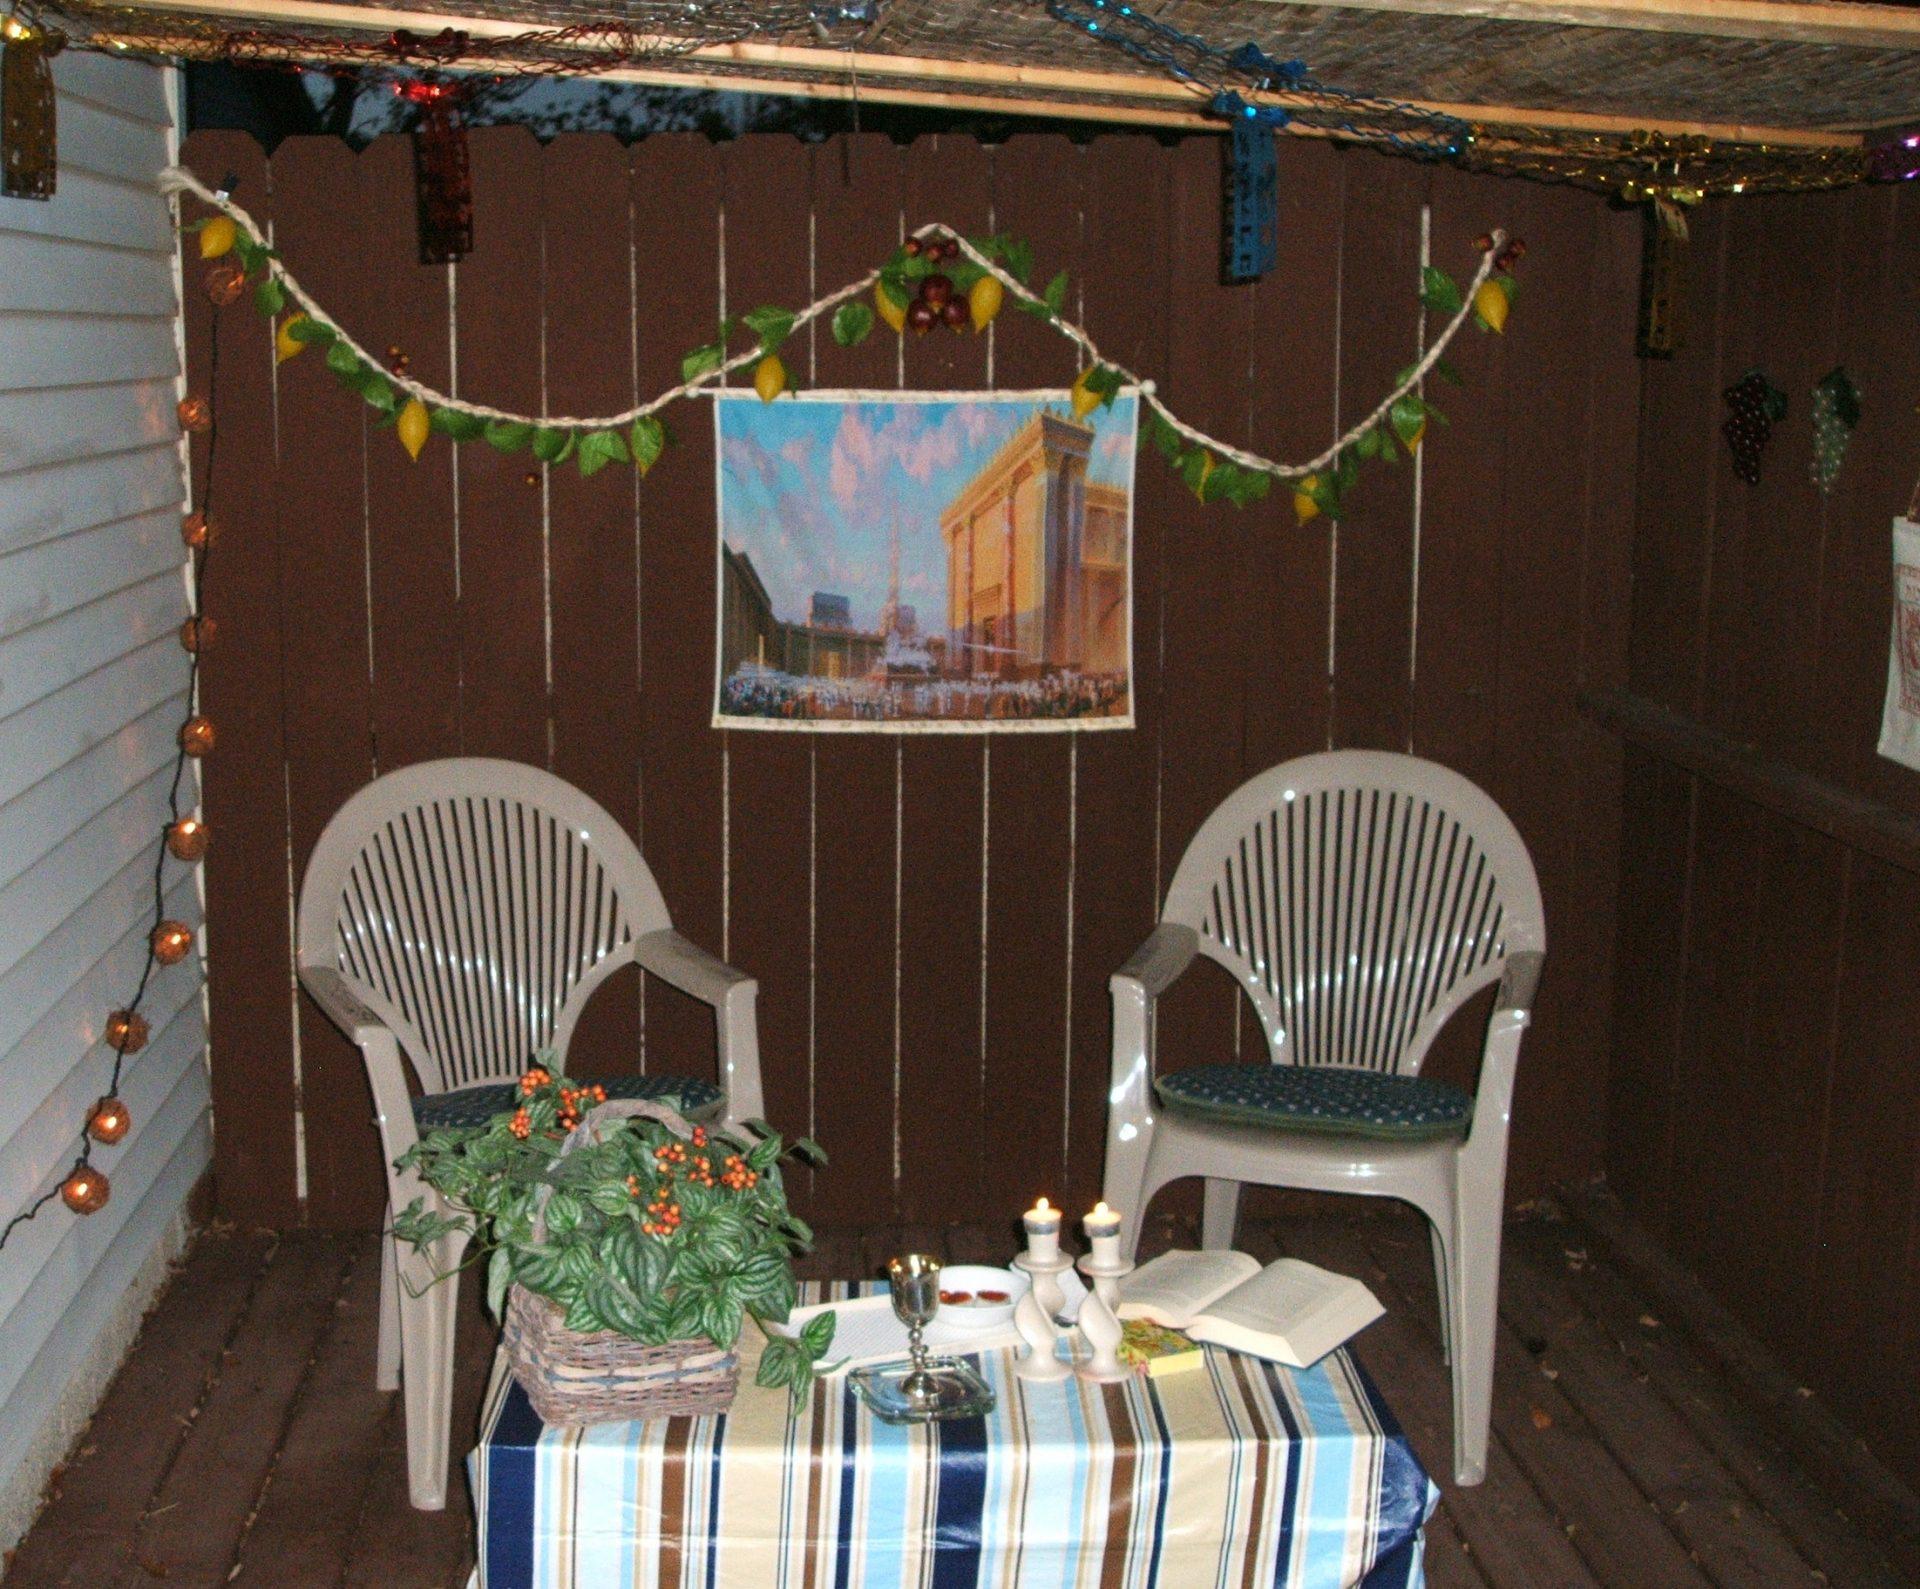 Sukkot Feast Of Tabernacles His Israel